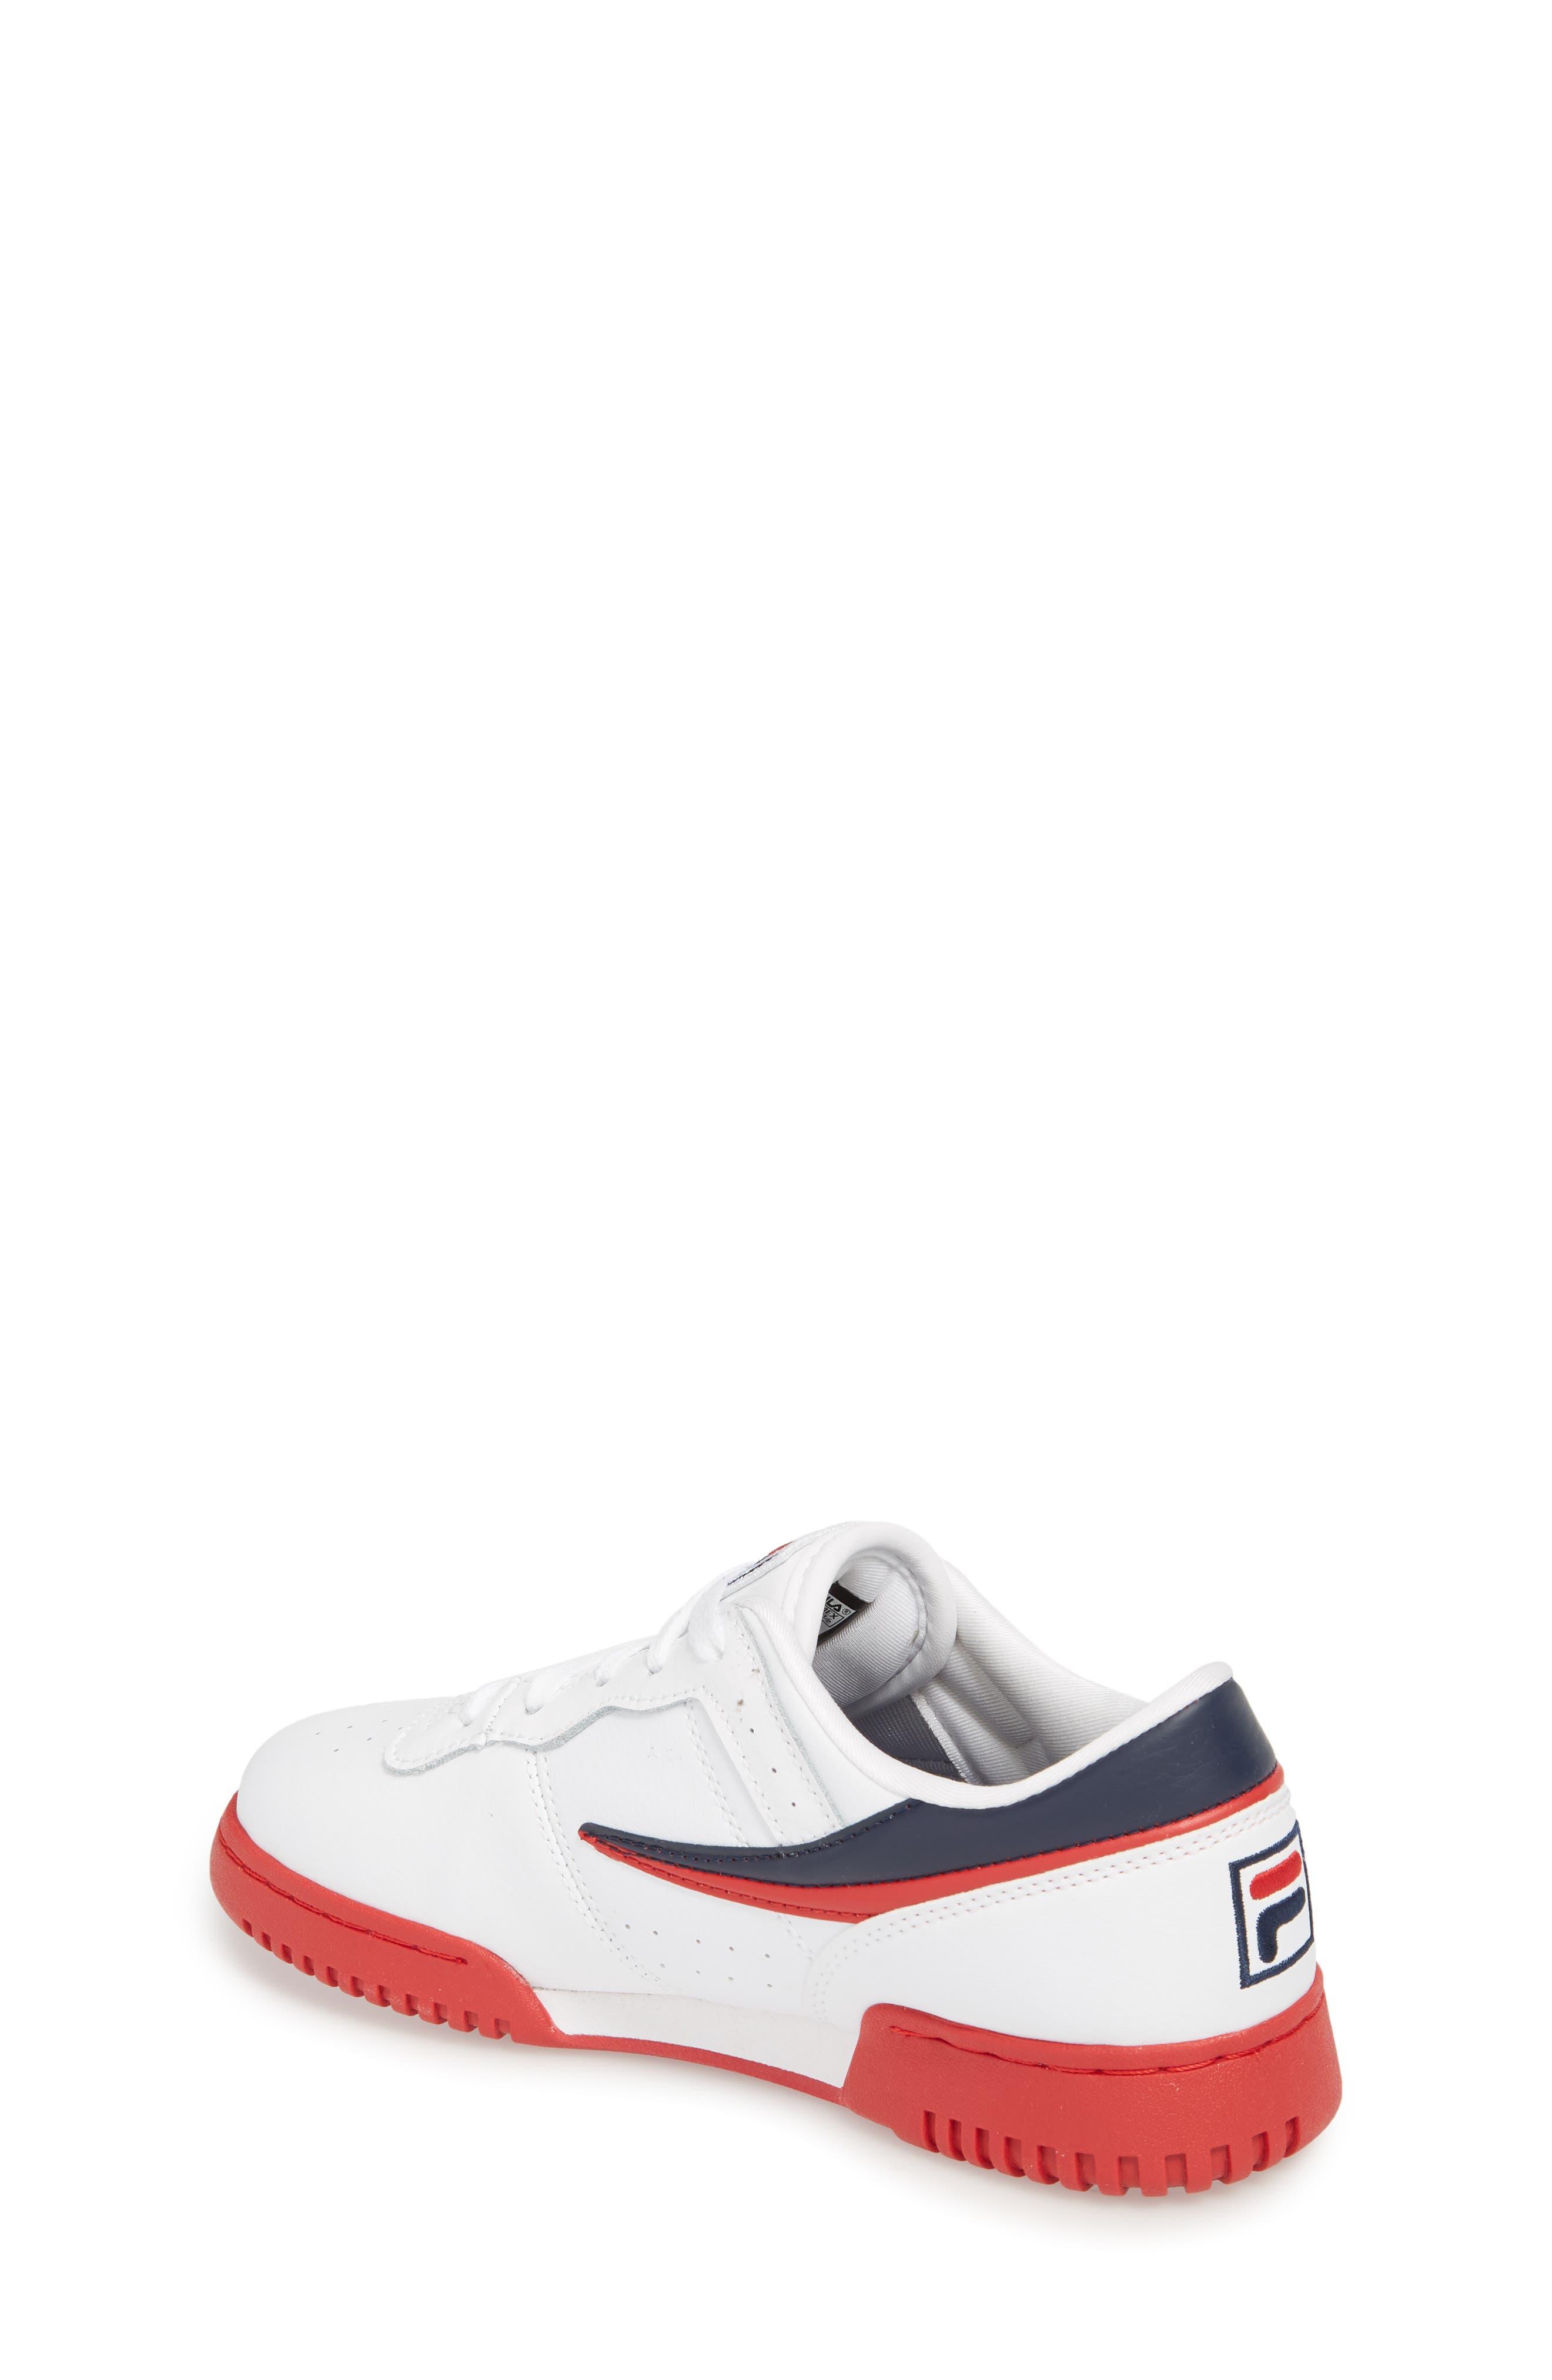 Original Fitness Sneaker,                             Alternate thumbnail 2, color,                             WHITE/ FILA RED